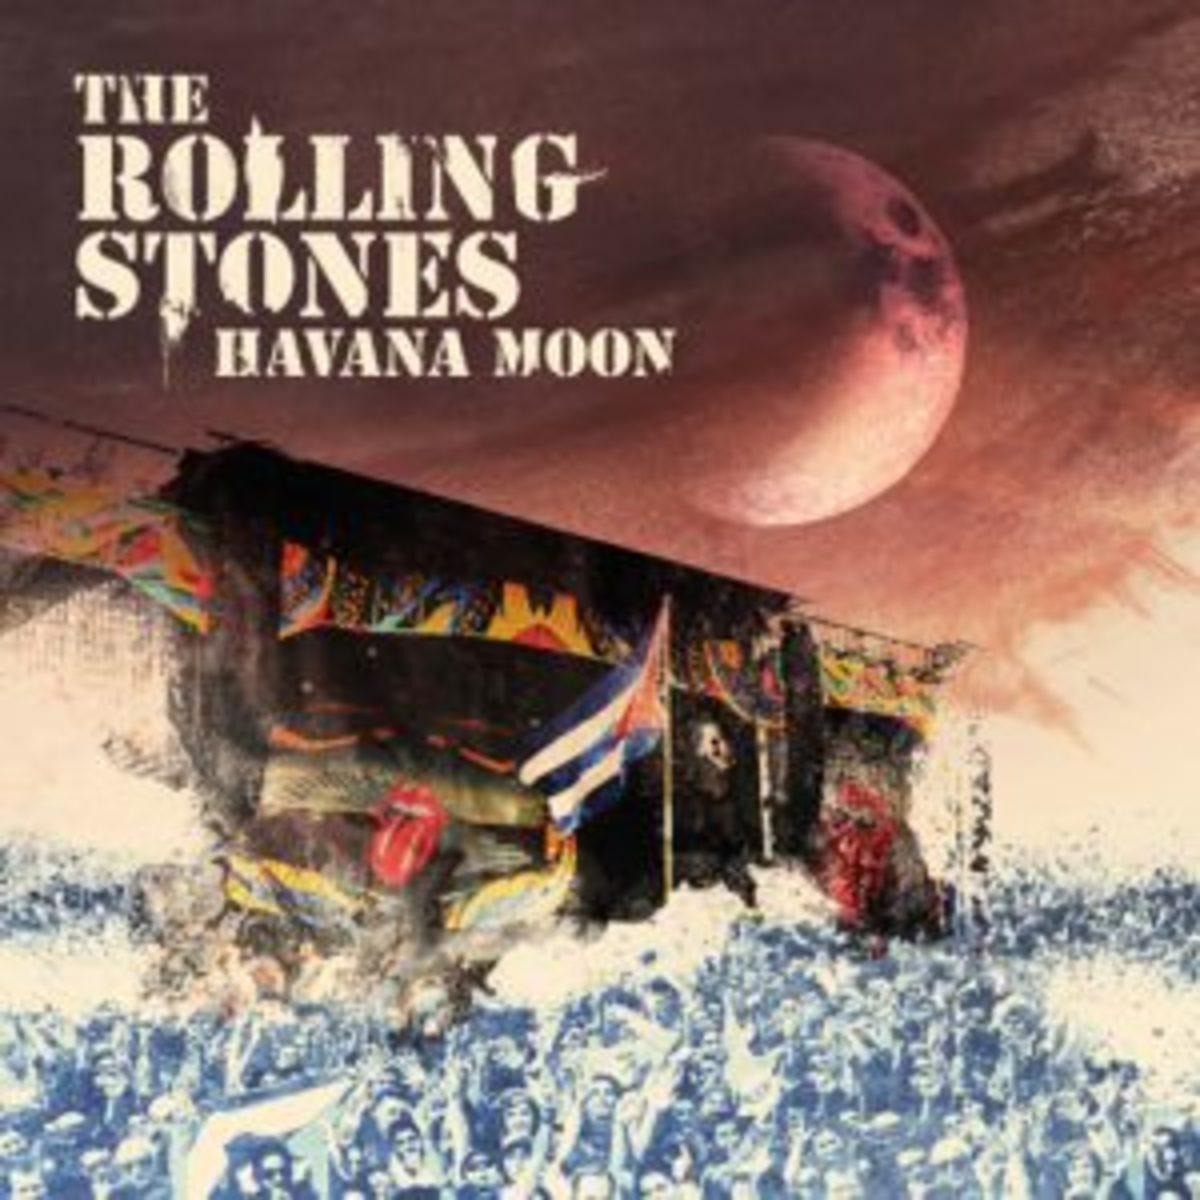 rolling_stones_havana_moon_cd_cover__lr_